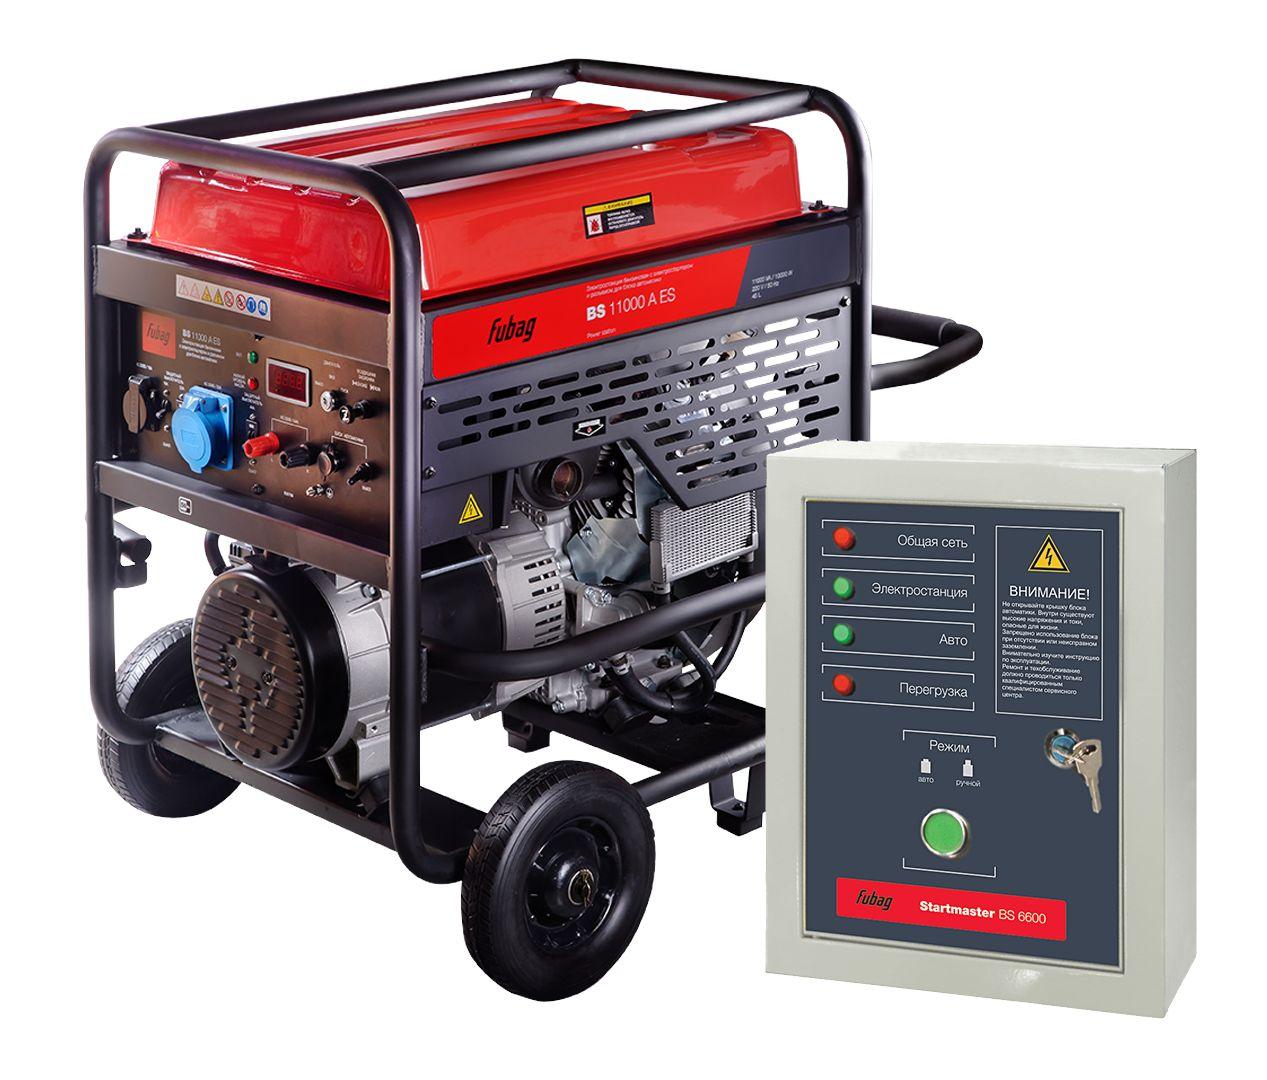 Внешний вид FUBAG BS 11000 A ES с АВР Startmaster BS 6600 D